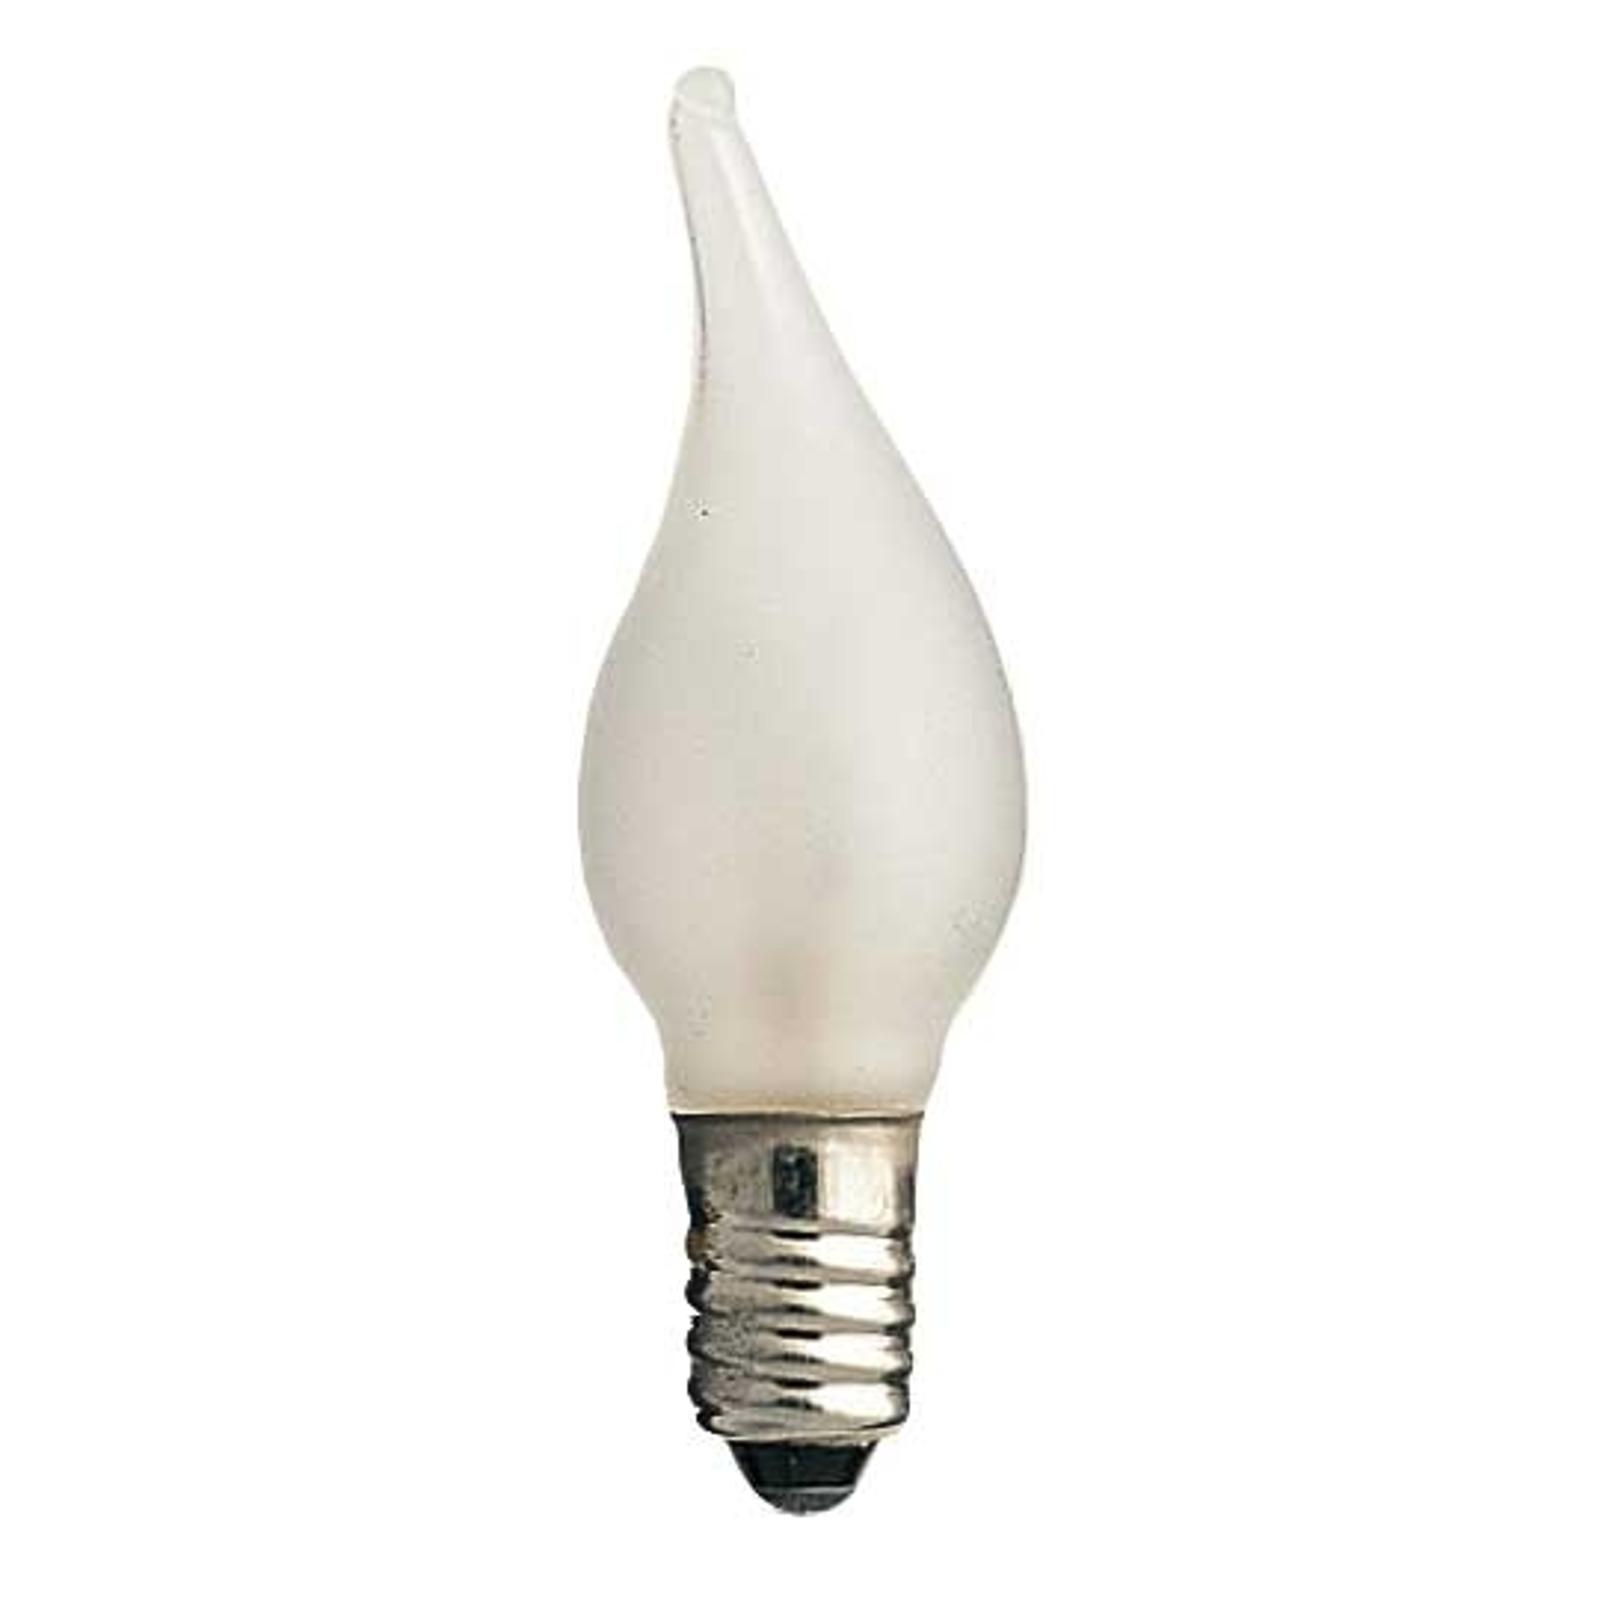 E10 3W 24V Reservlampor 3-pack, stearinljusliknand